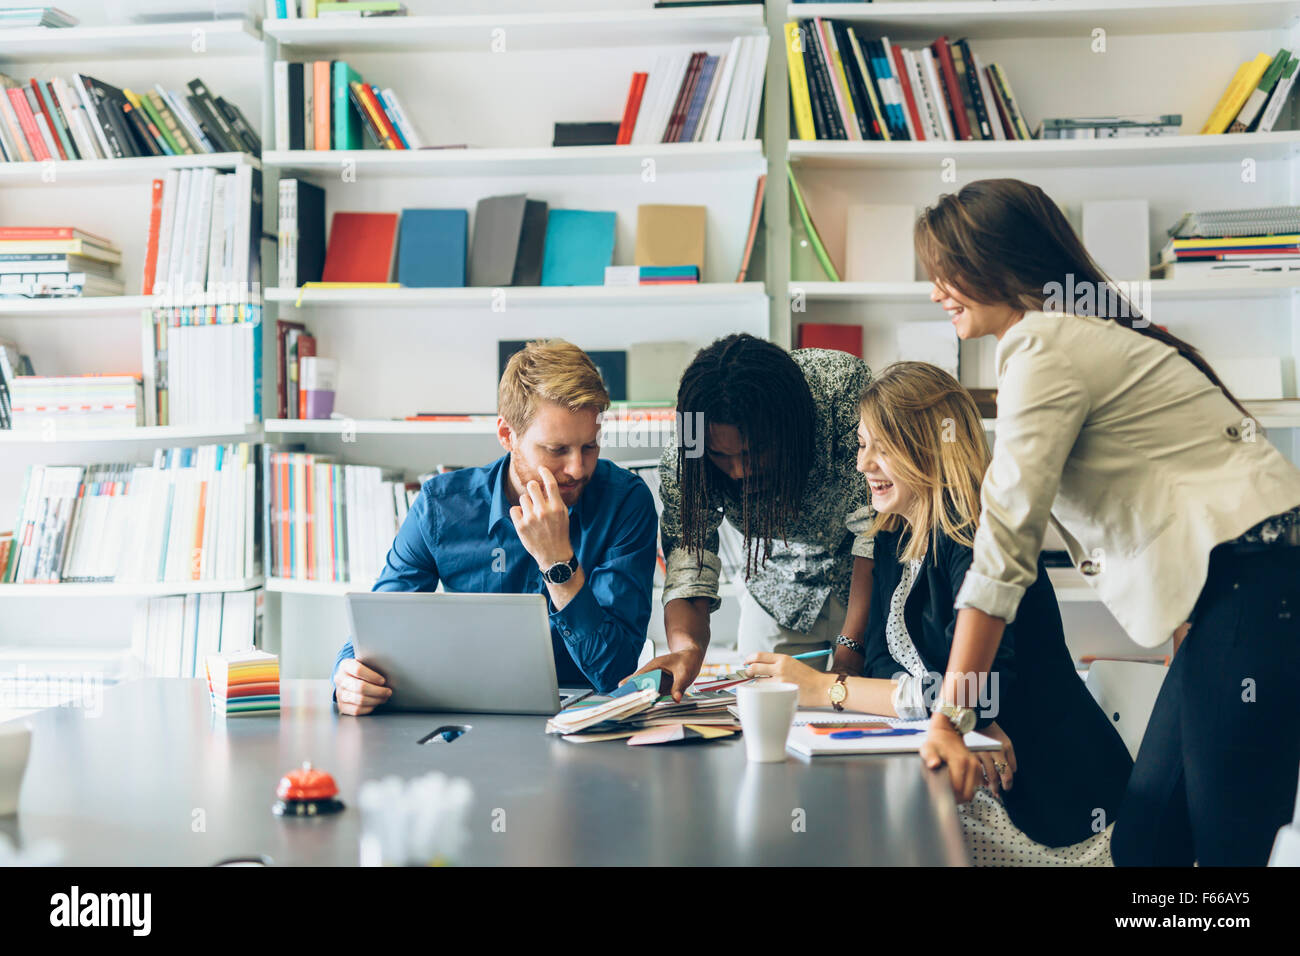 Événement de réflexion entre collègues au travail in office Photo Stock